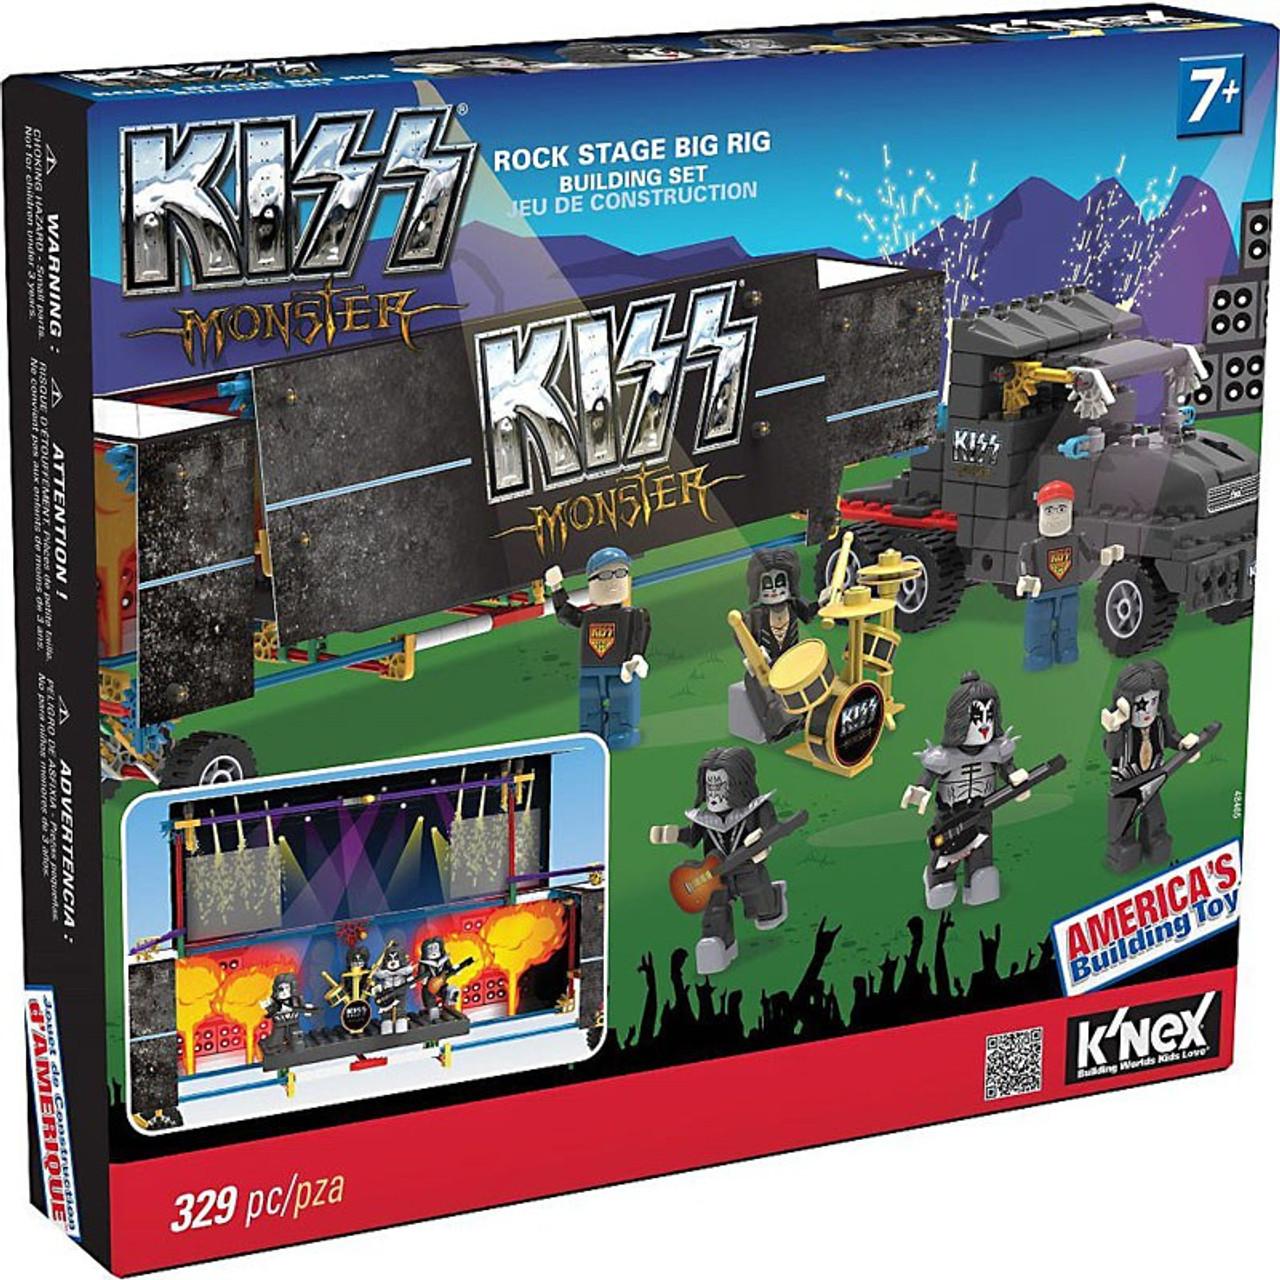 K'NEX KISS Monster Rock Stage Big Rig Set #48465